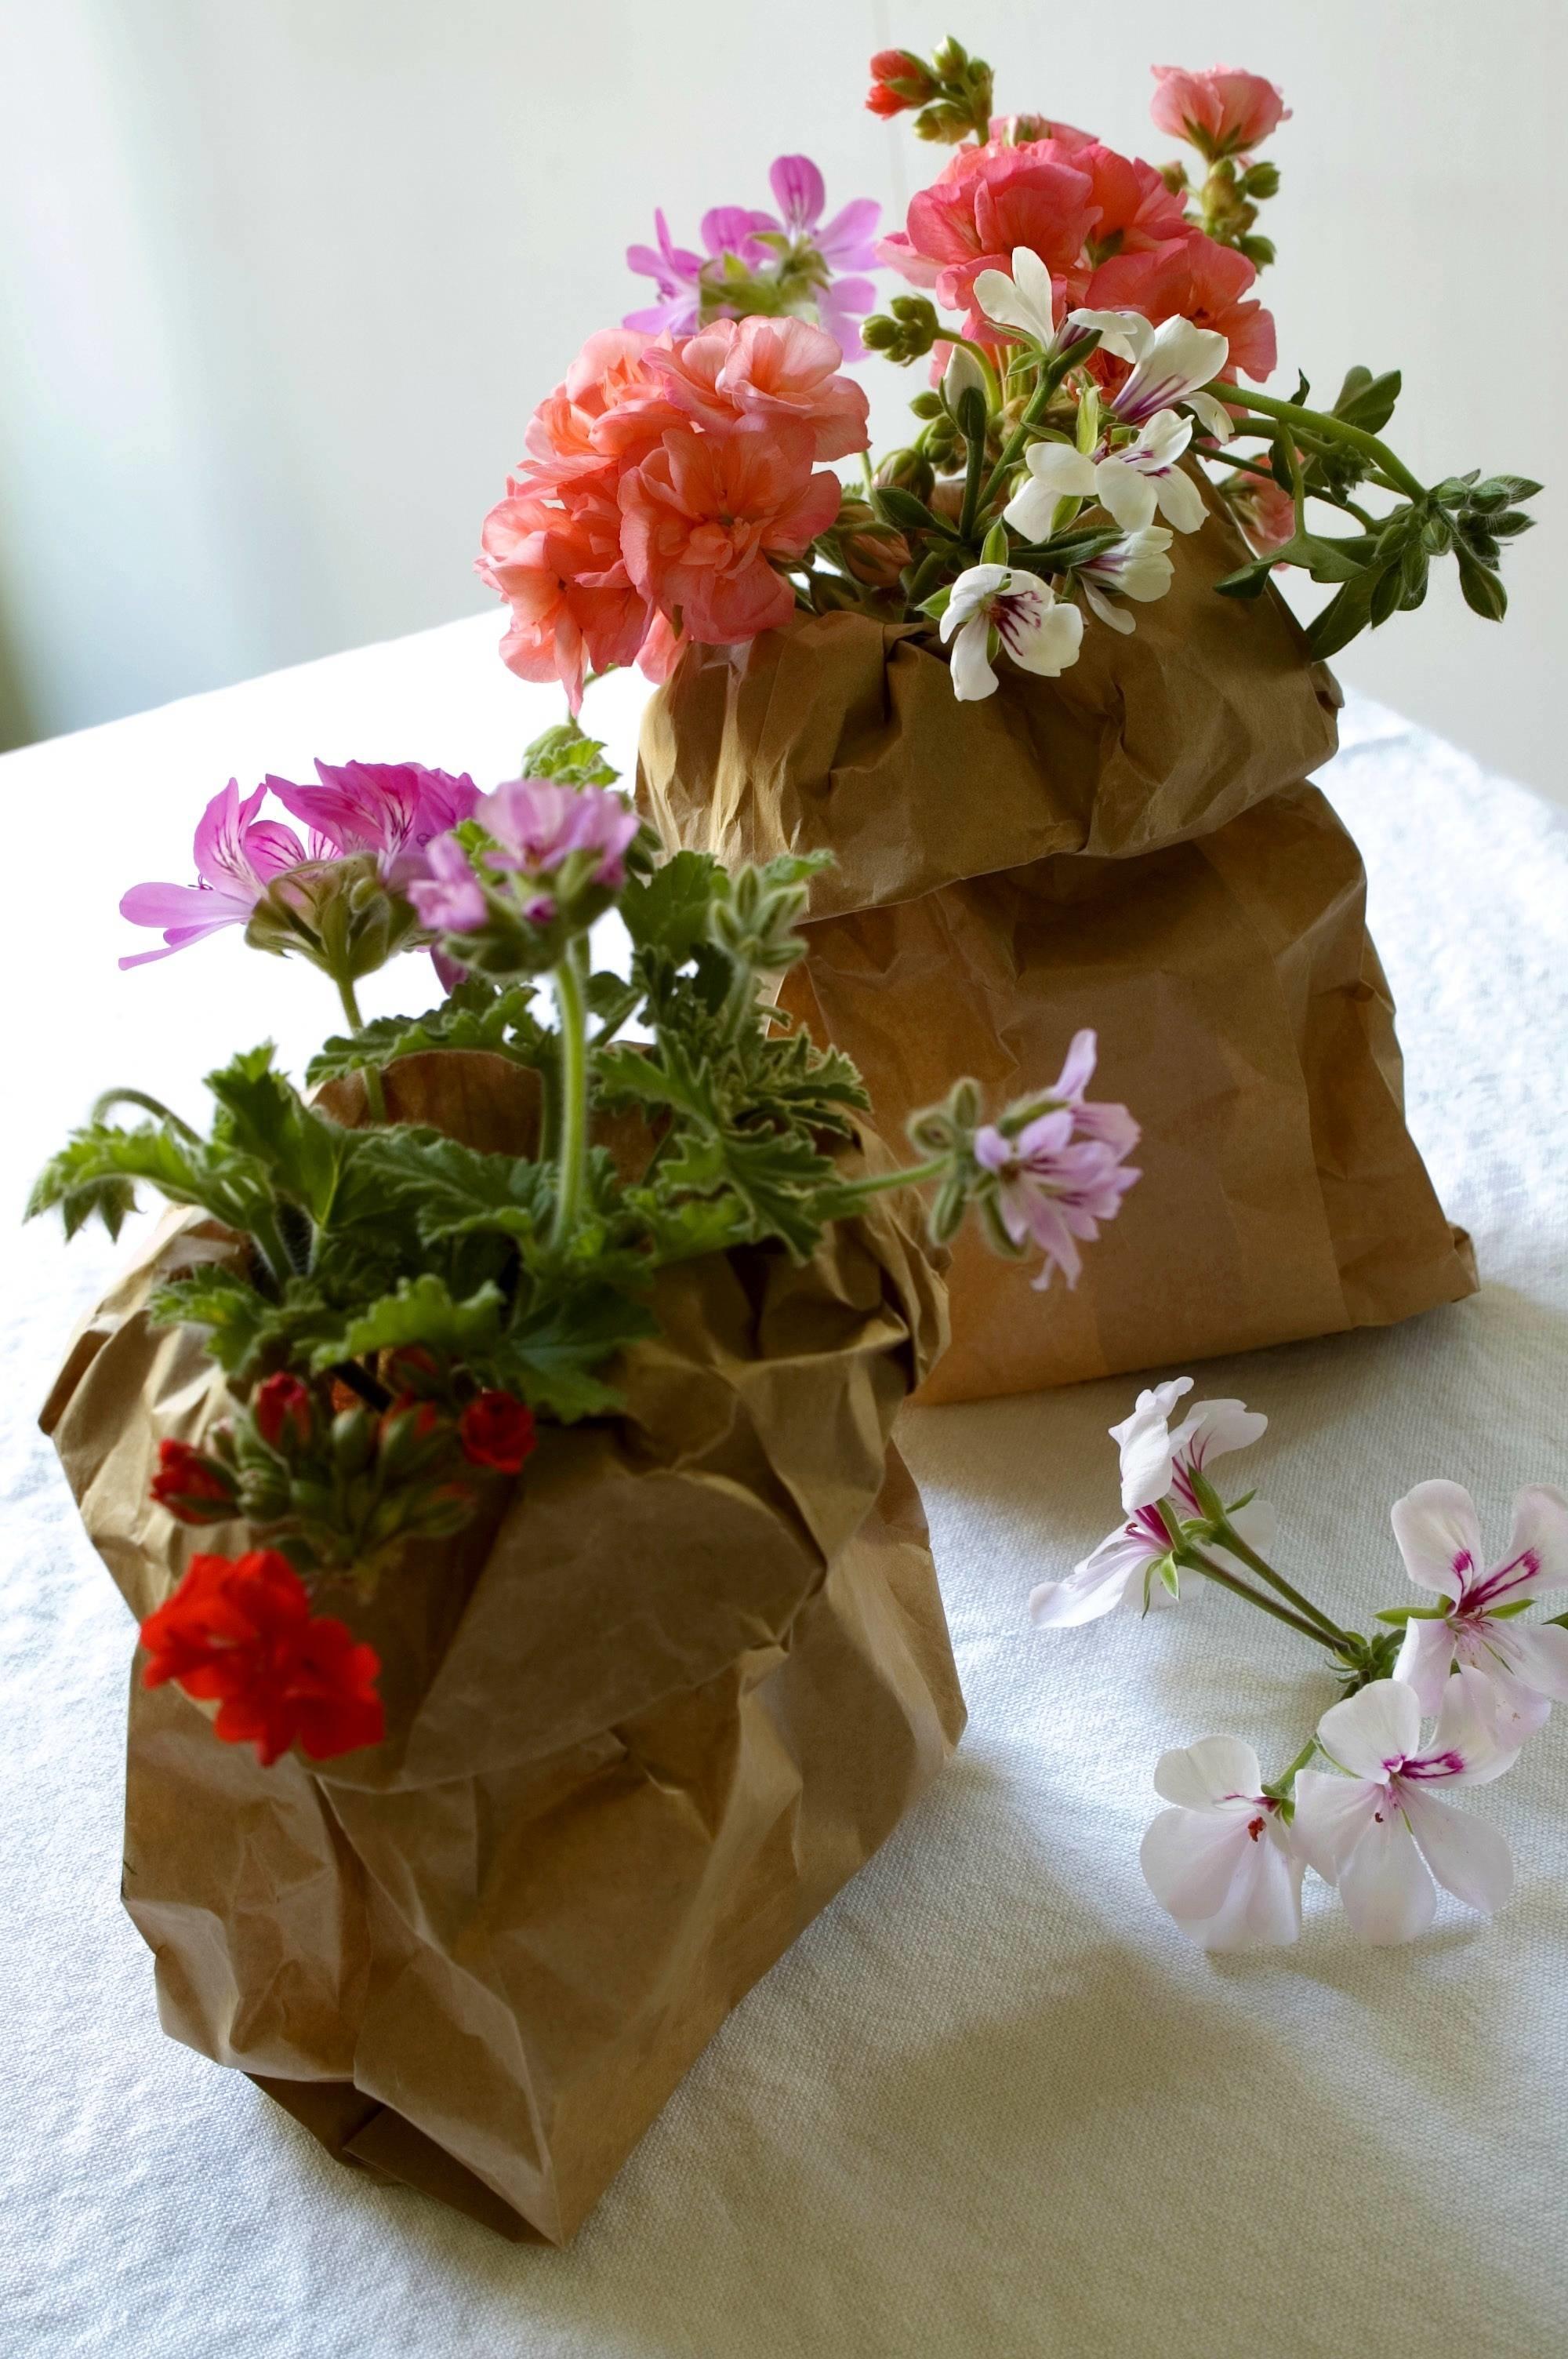 centrotavola autunnali addobbi fai da te : ... fai da te - Composizioni di fiori - Come realizzare fiori fai da te